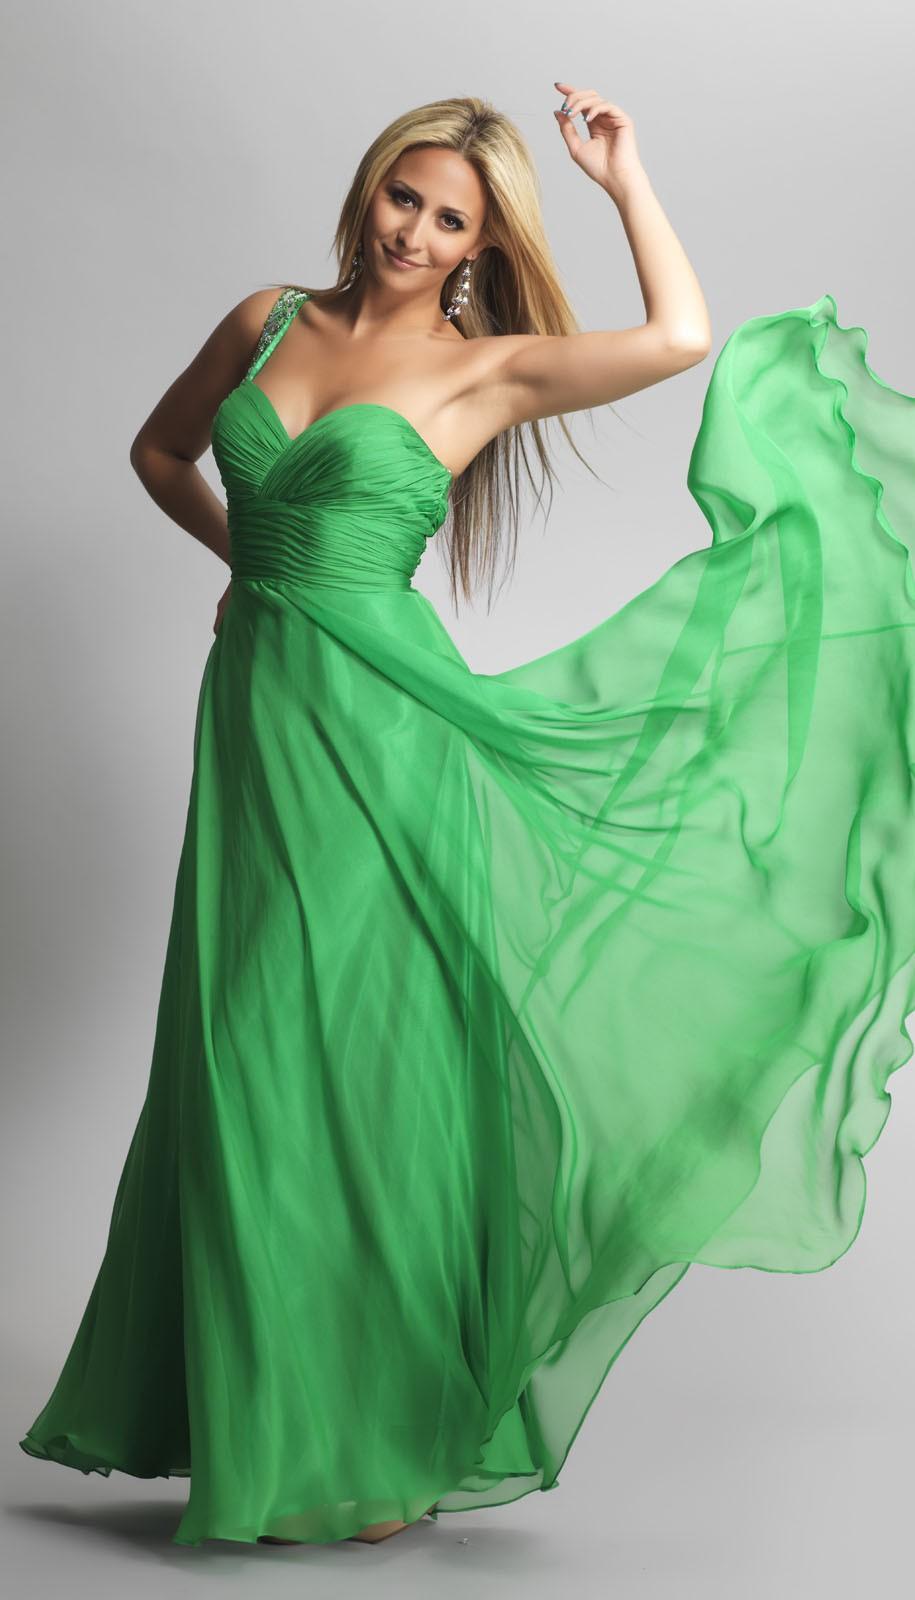 Платья 2018 фото: шифоновое платье зеленое без плеч